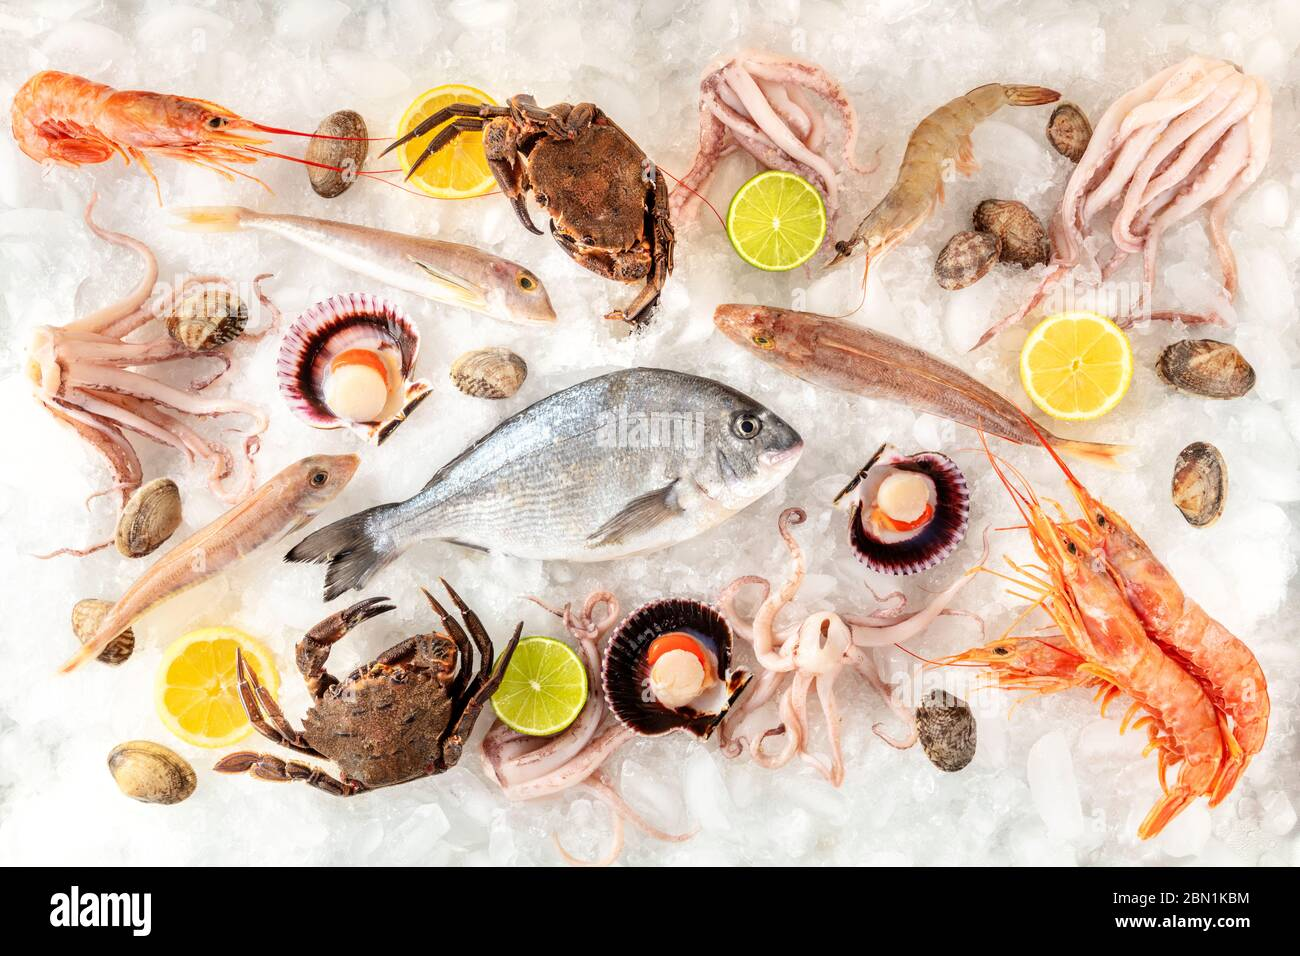 Fisch- und Meeresfrüchtevielfalt flach gelegt, von oben auf weißem Hintergrund geschossen, auf Eis, mit Zitronen und Limetten Stockfoto